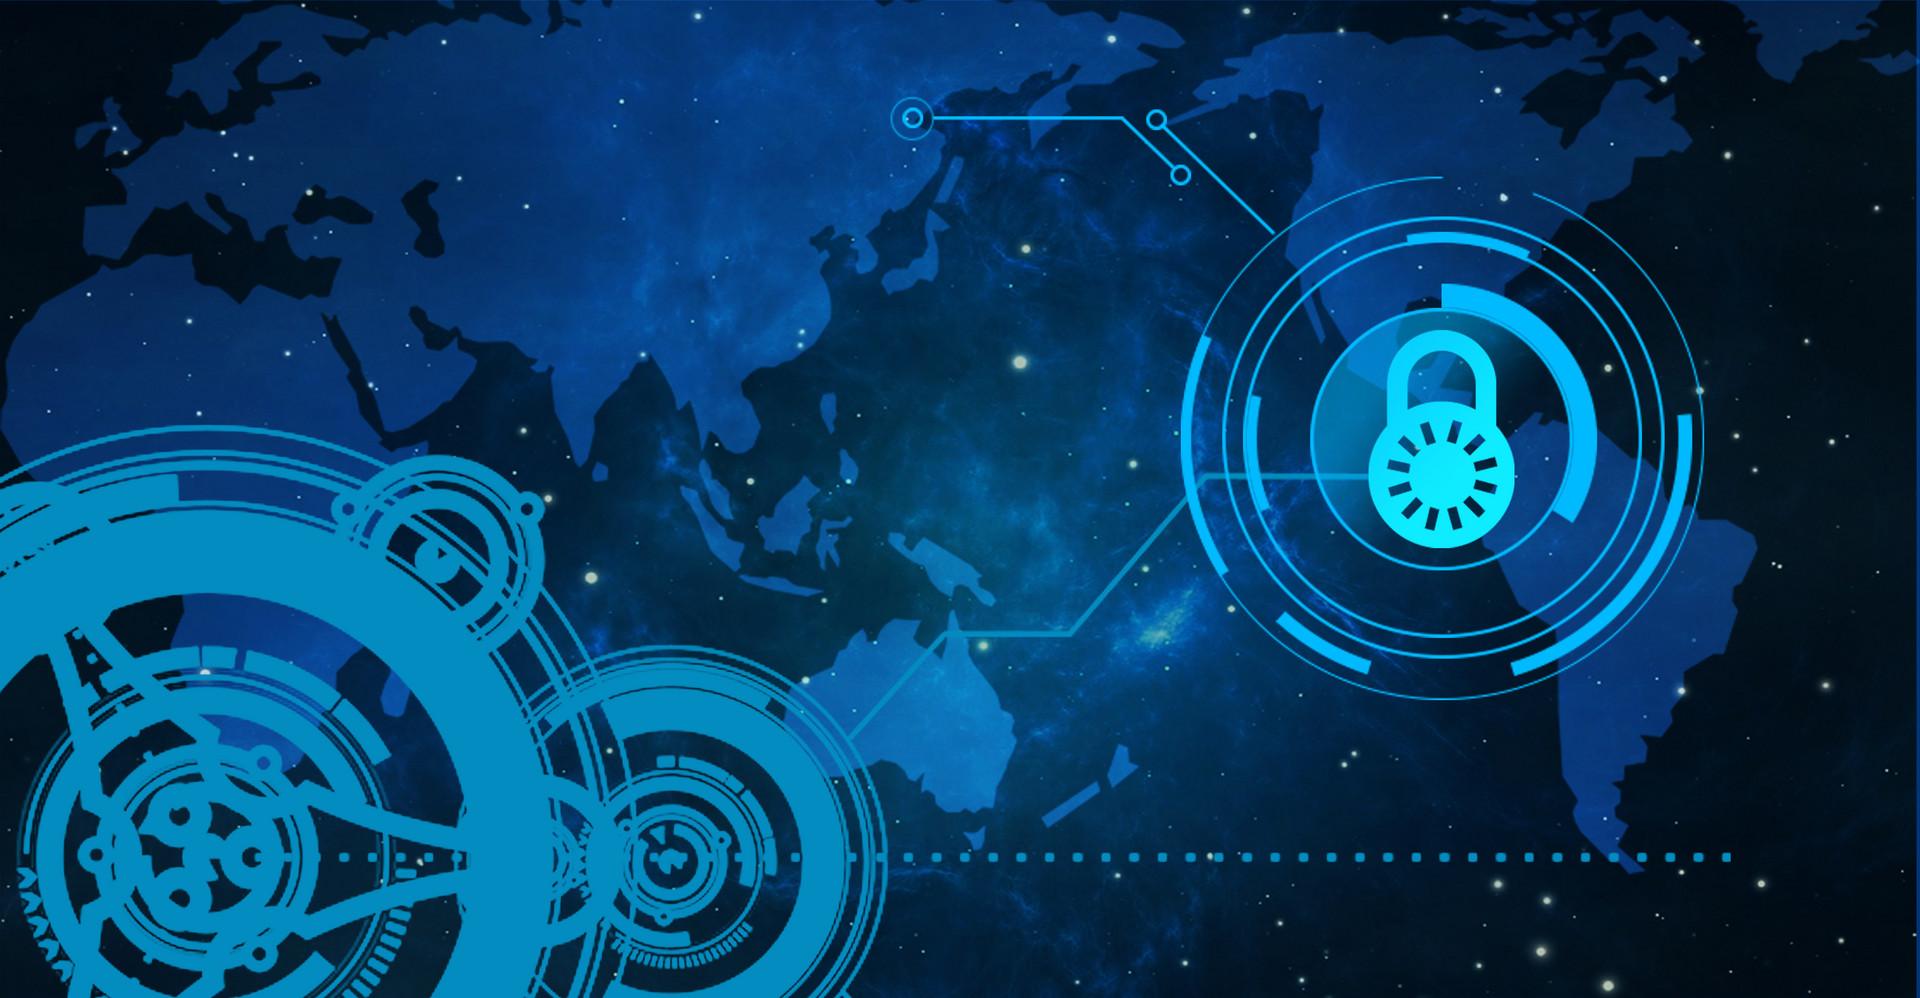 聚焦工业安全 | 我国机械安全的发展趋势——智能安全